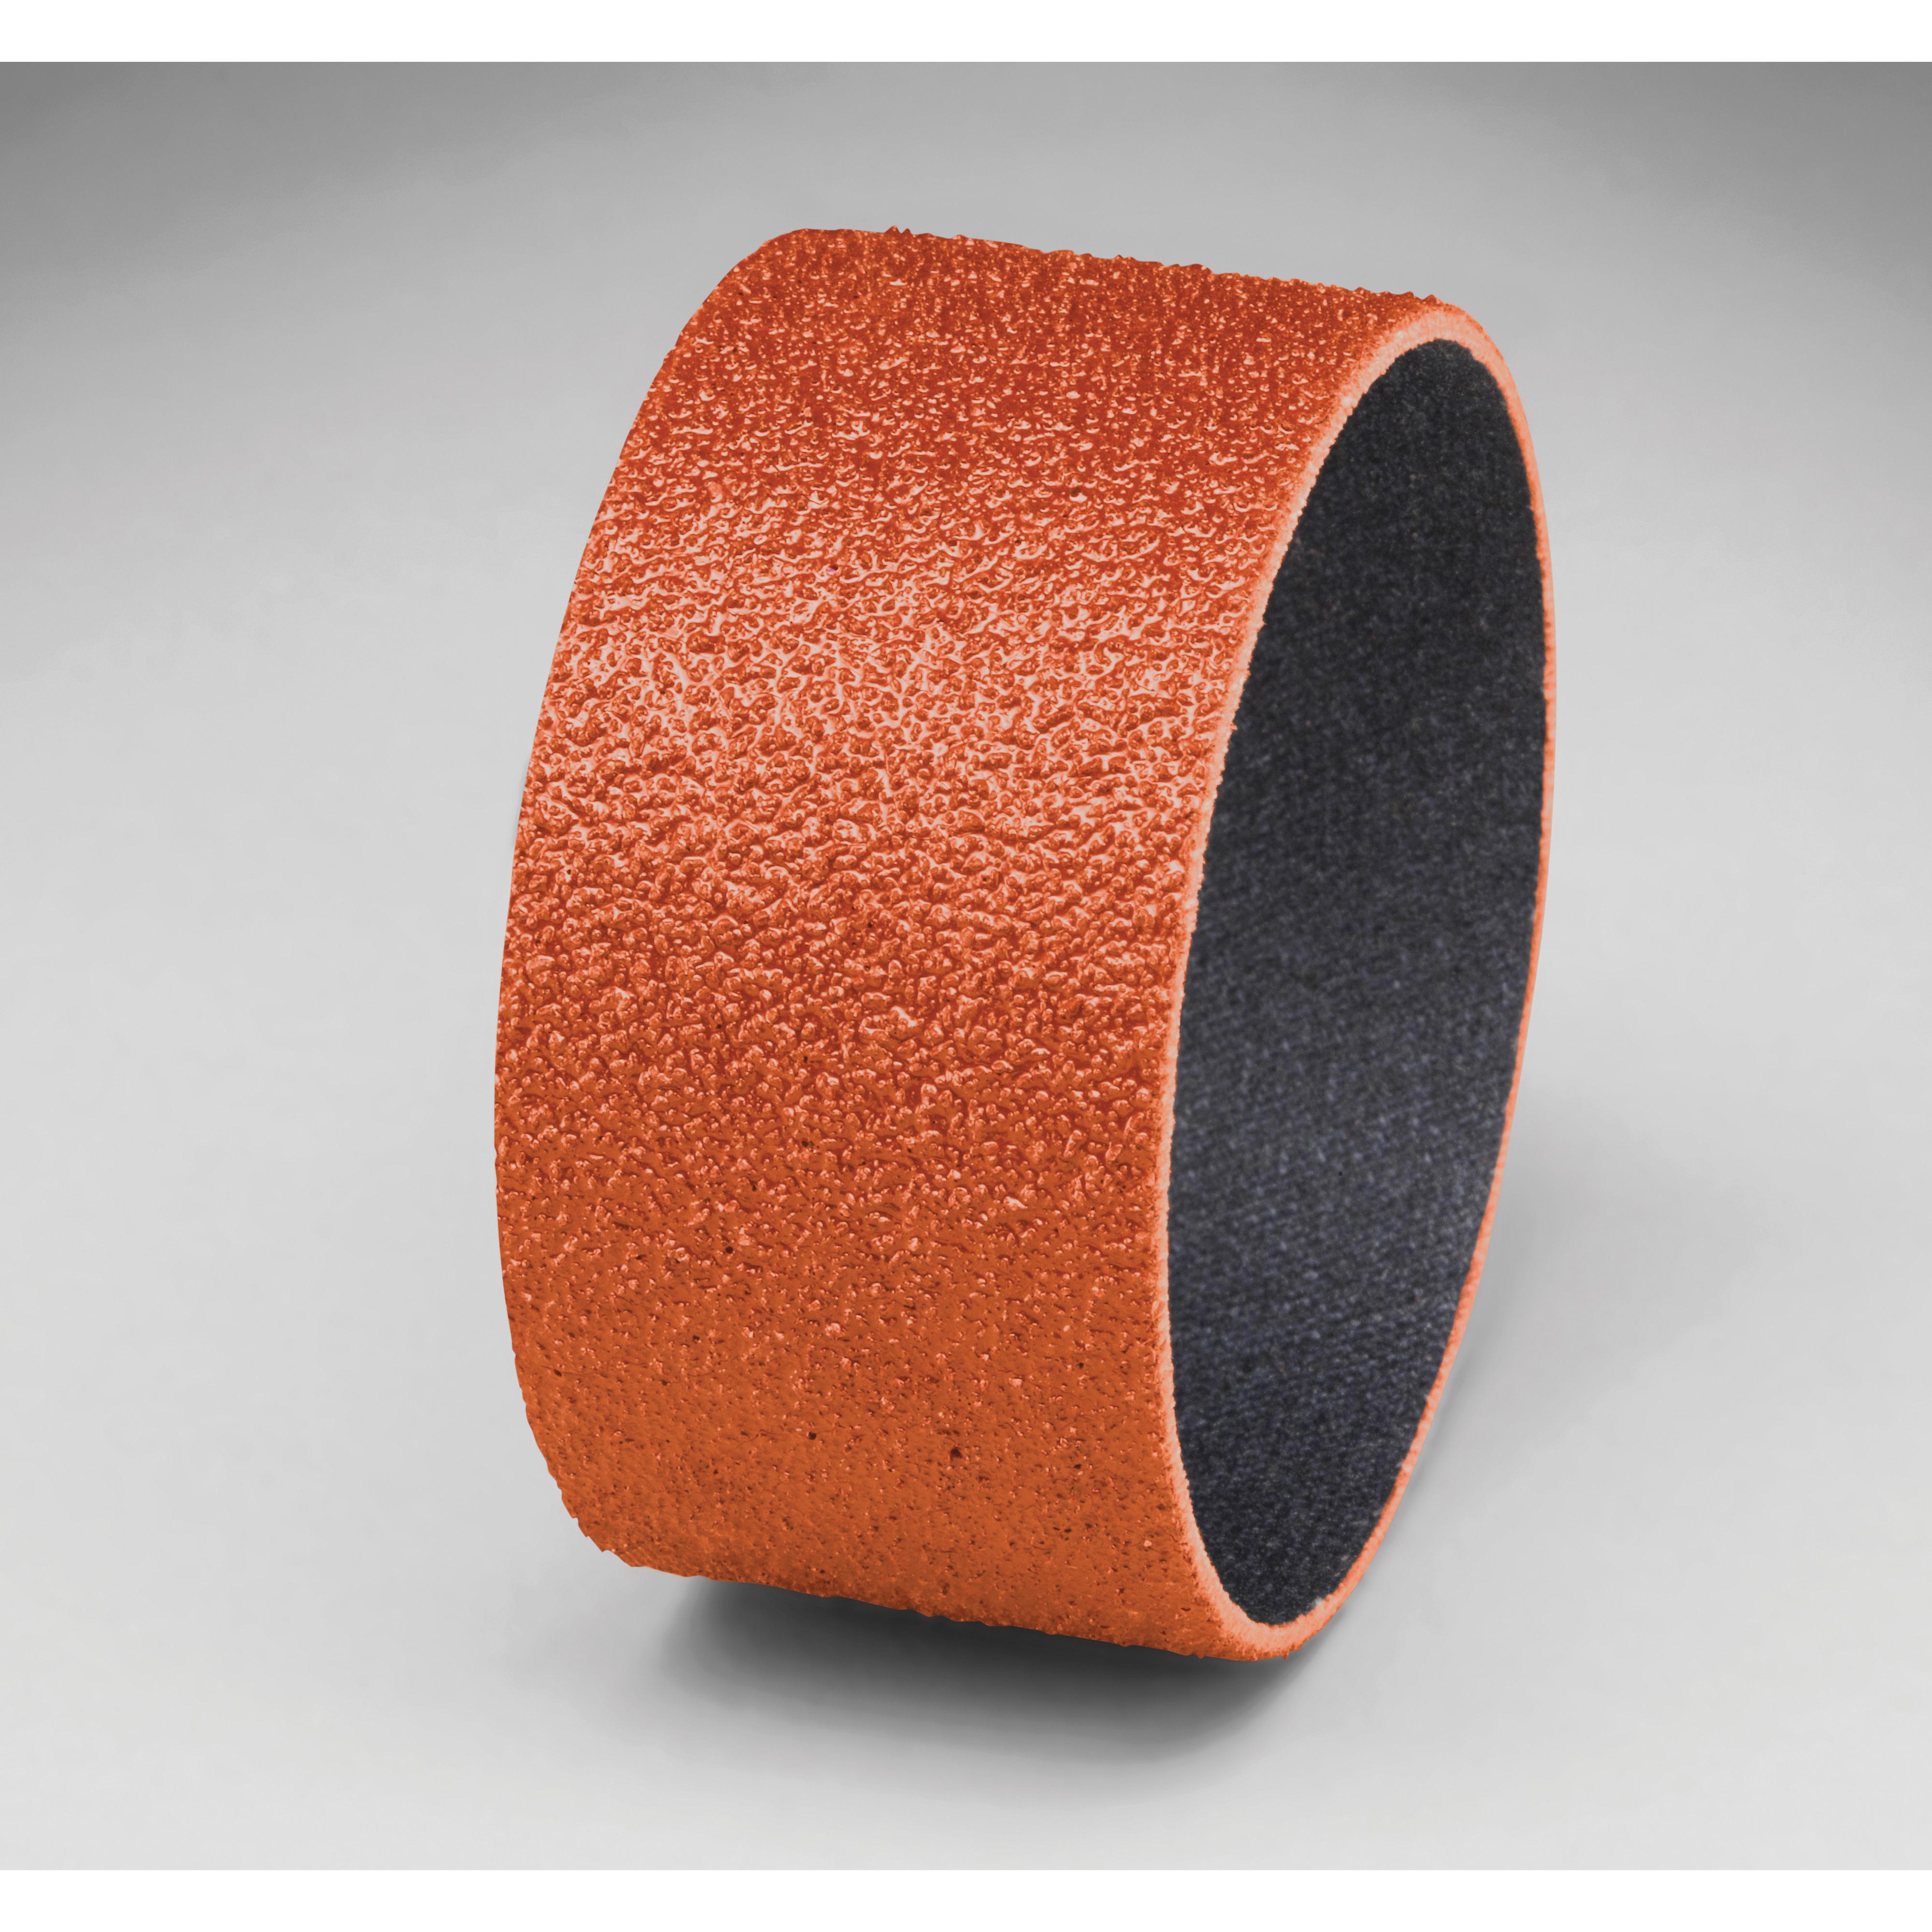 3M™ 051144-80771 Closed Coat Spiral Band, 2 in Dia x 1 in L, 60 Grit, Medium Grade, Ceramic Abrasive